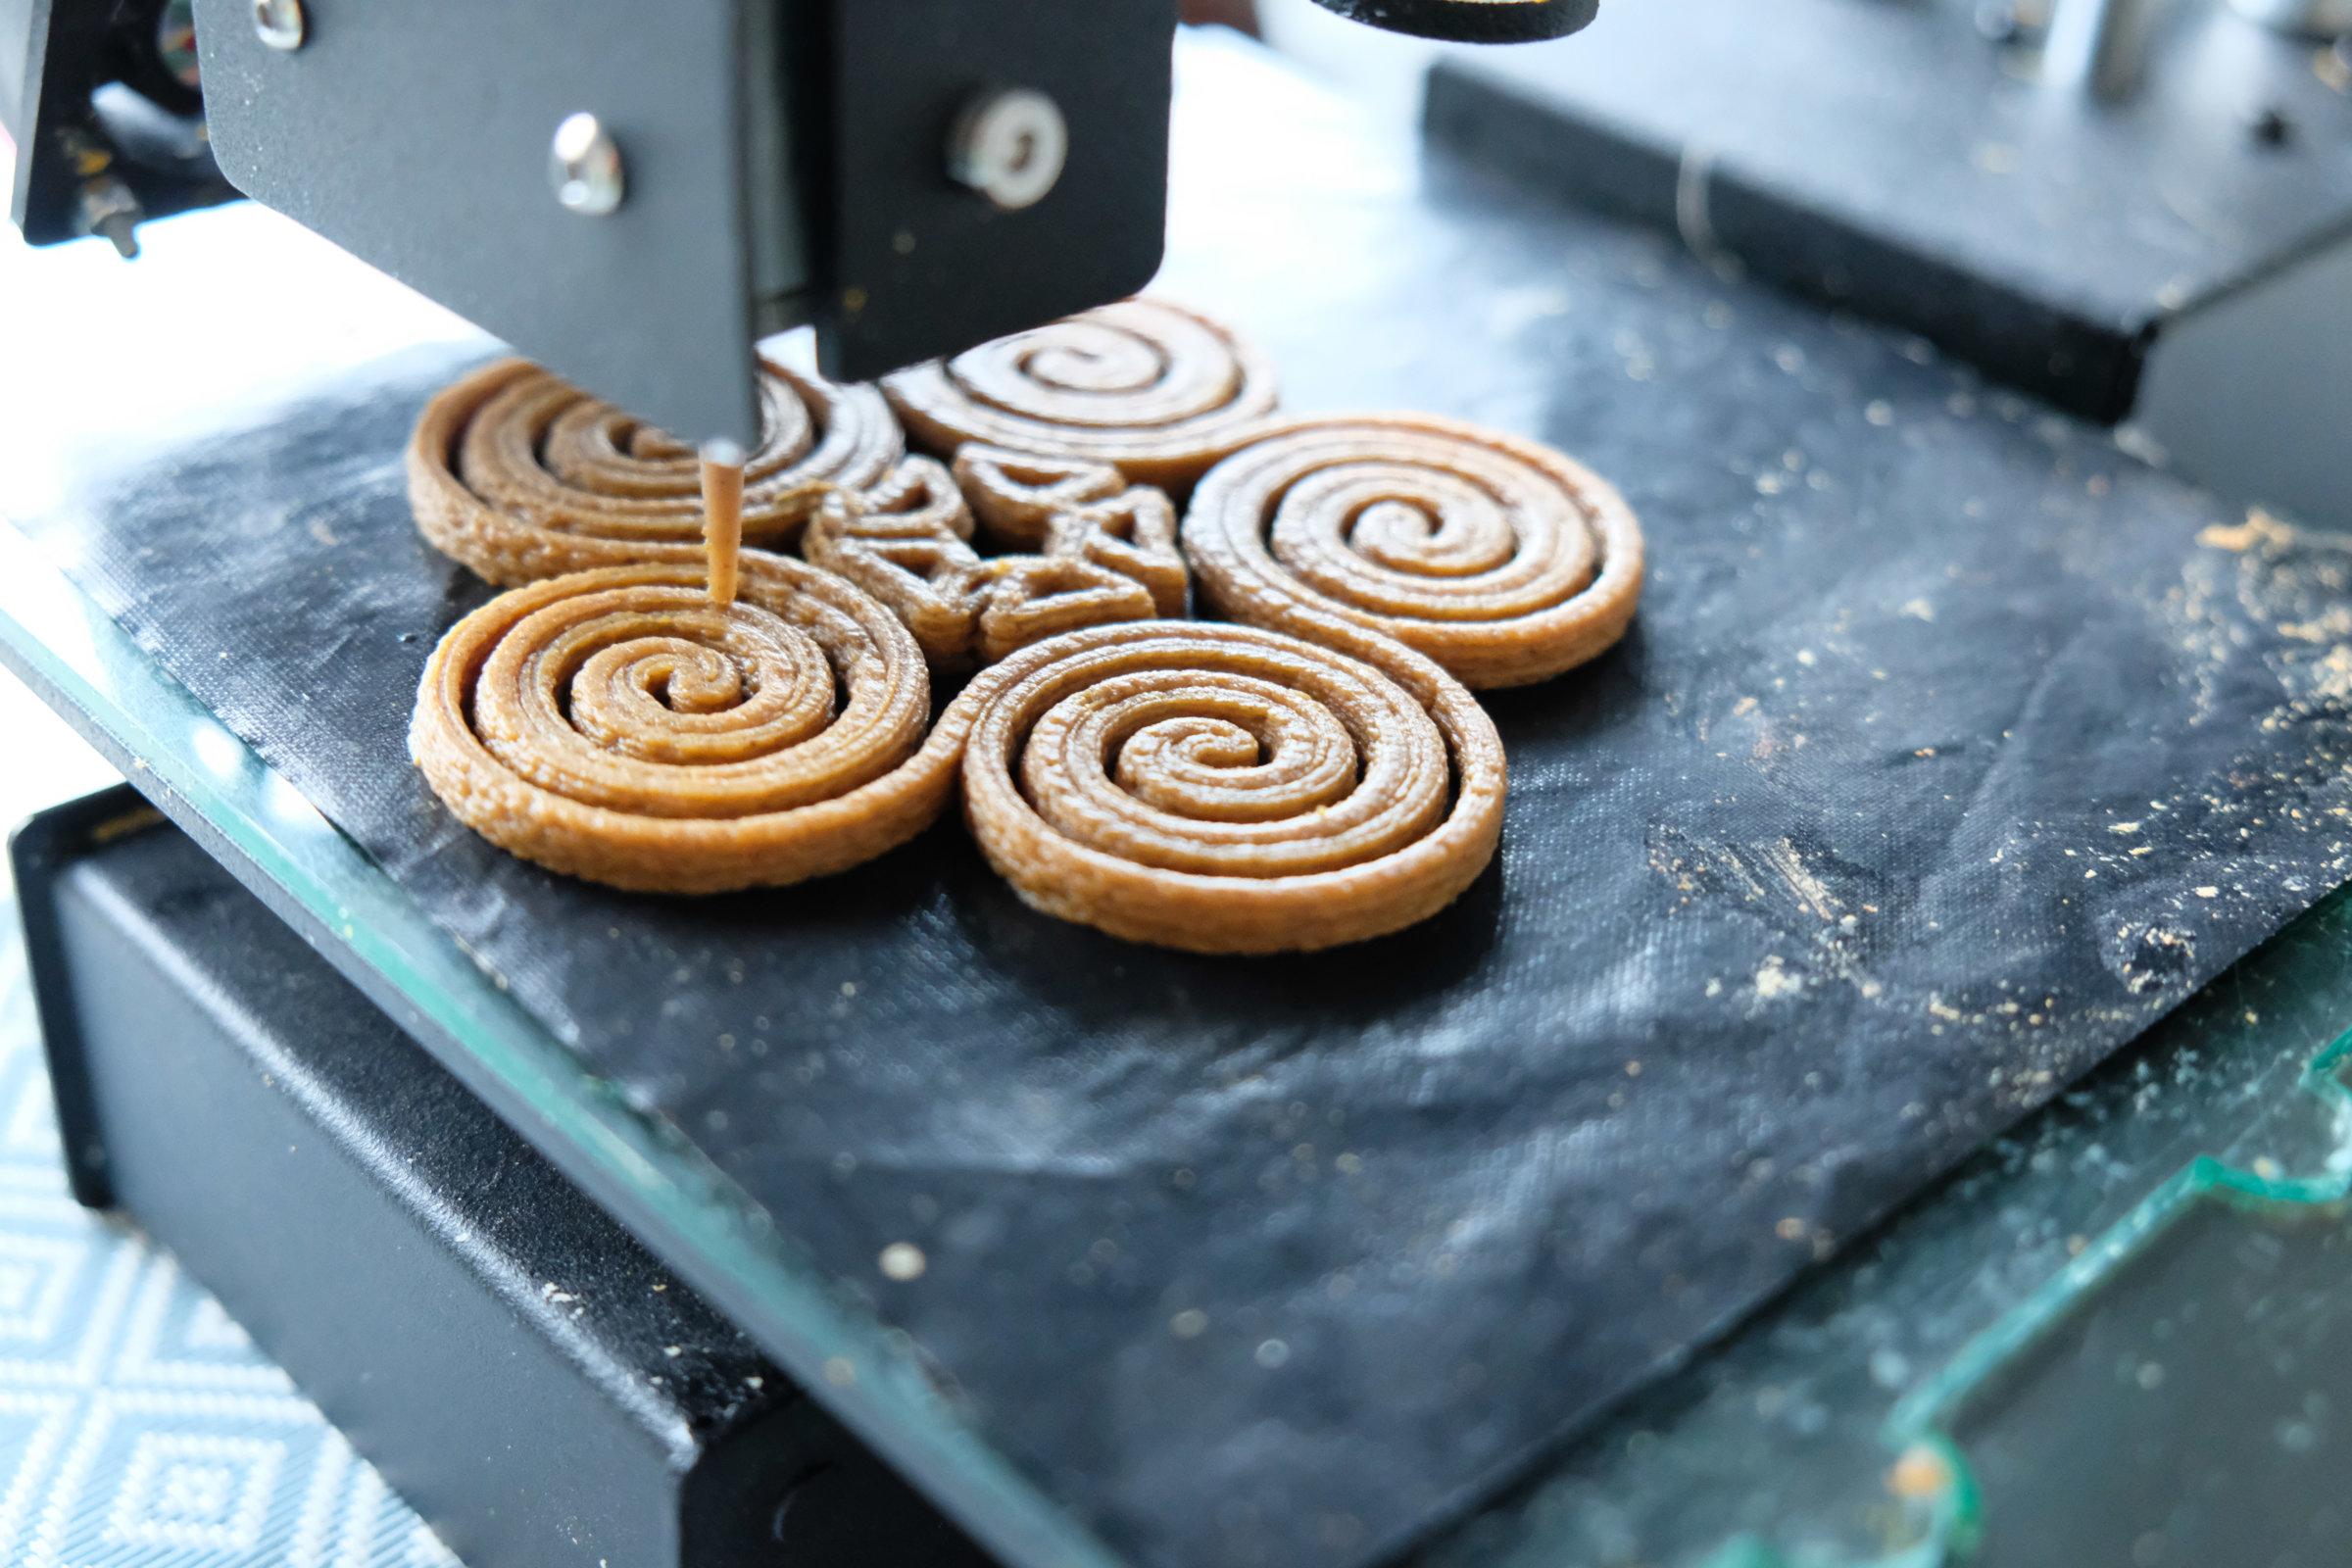 Voor het 3D printen van eetbare designs werkt Upprinting Food met een zetmeelrijke pasta volgens eigen recept